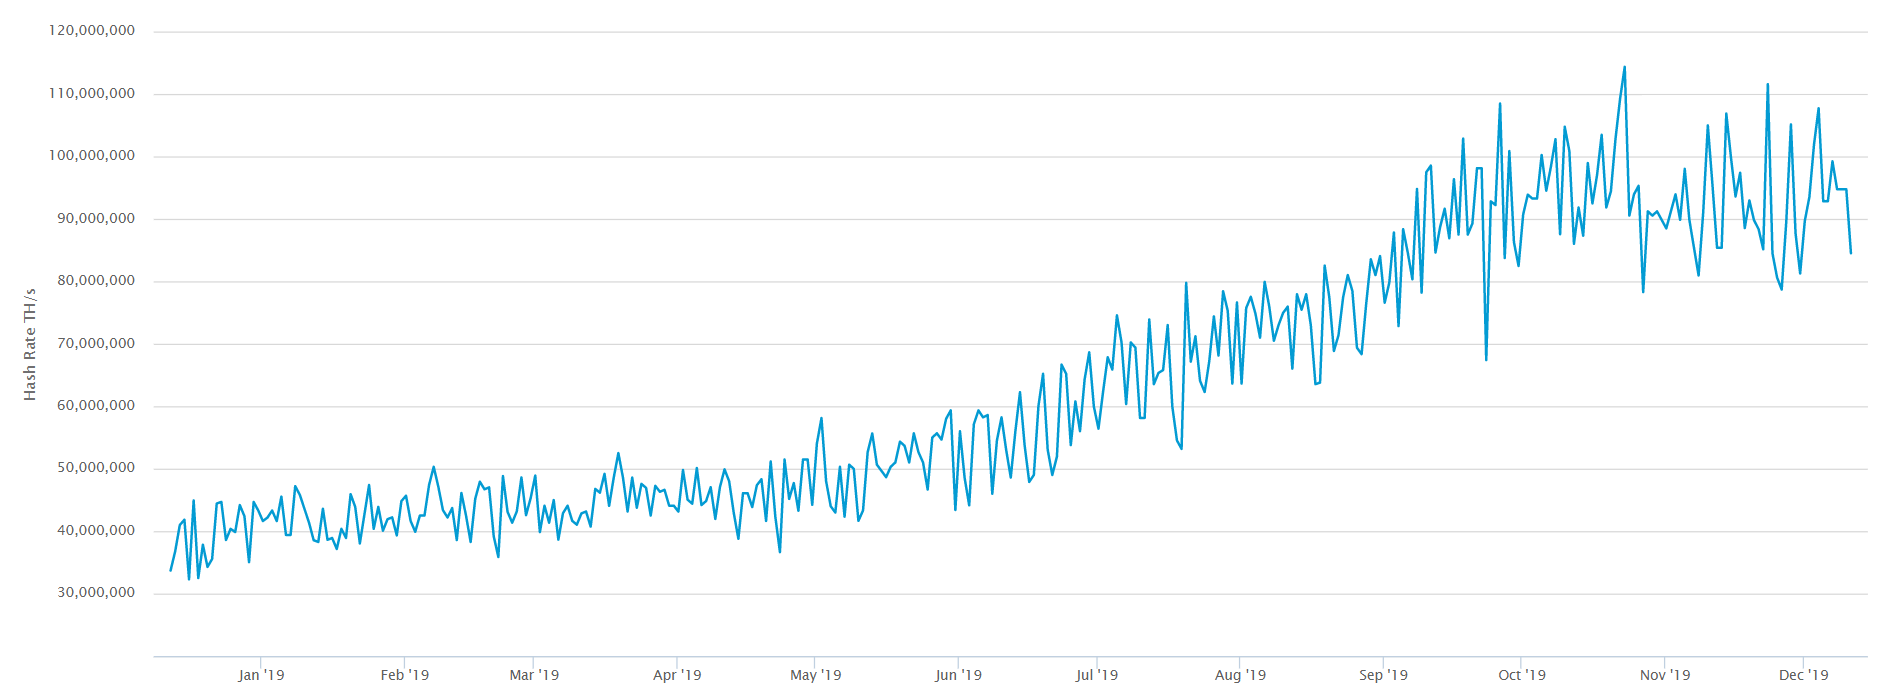 Китай достиг рекордных значений хэшрейта в сети bitcoin